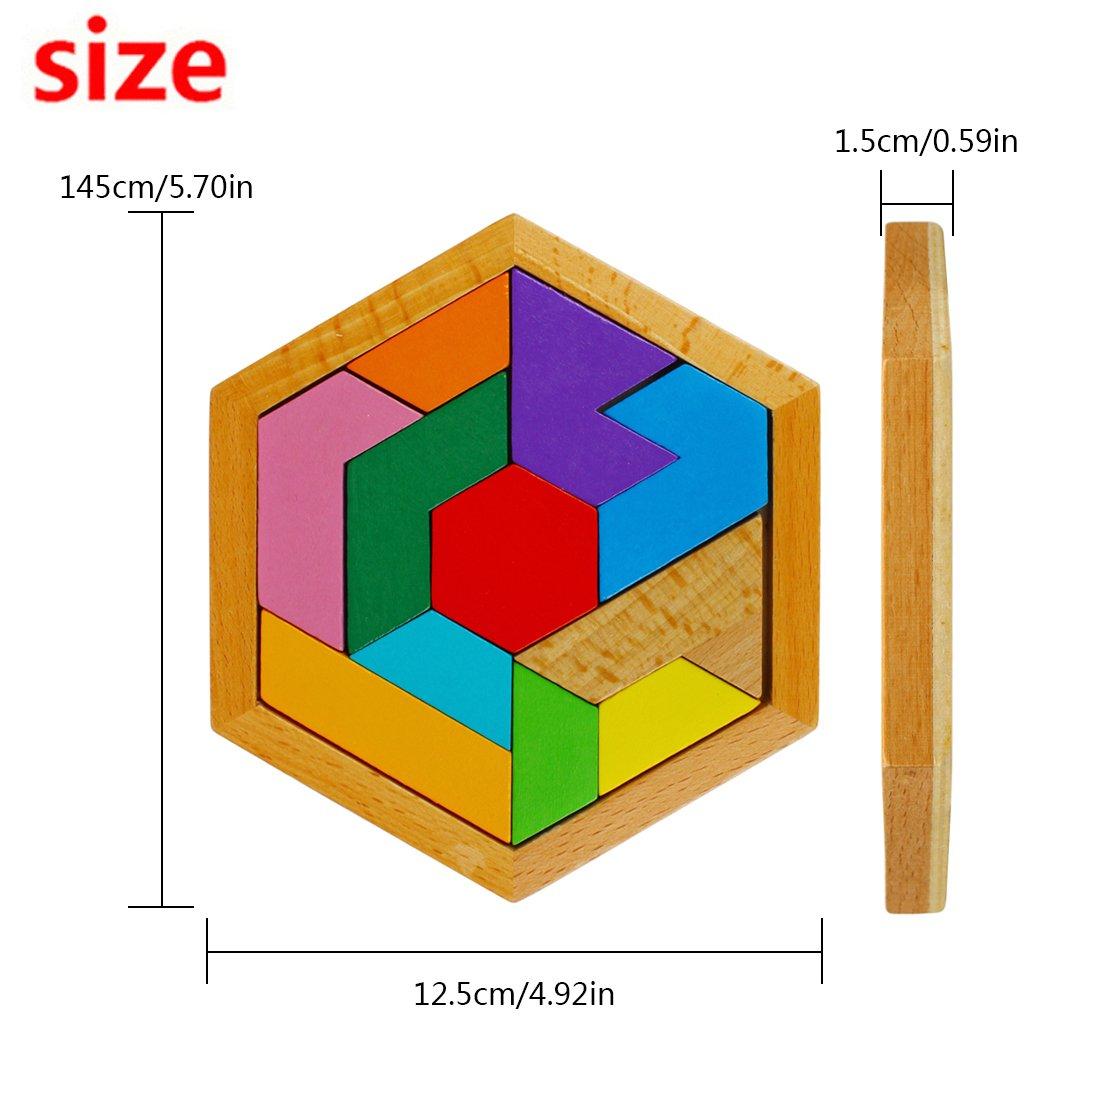 11 Blocchi ZHQB-01 Larcele Giocattolo di Puzzle di Legno Tangram Forme Puzzle Stile A,Multicolore